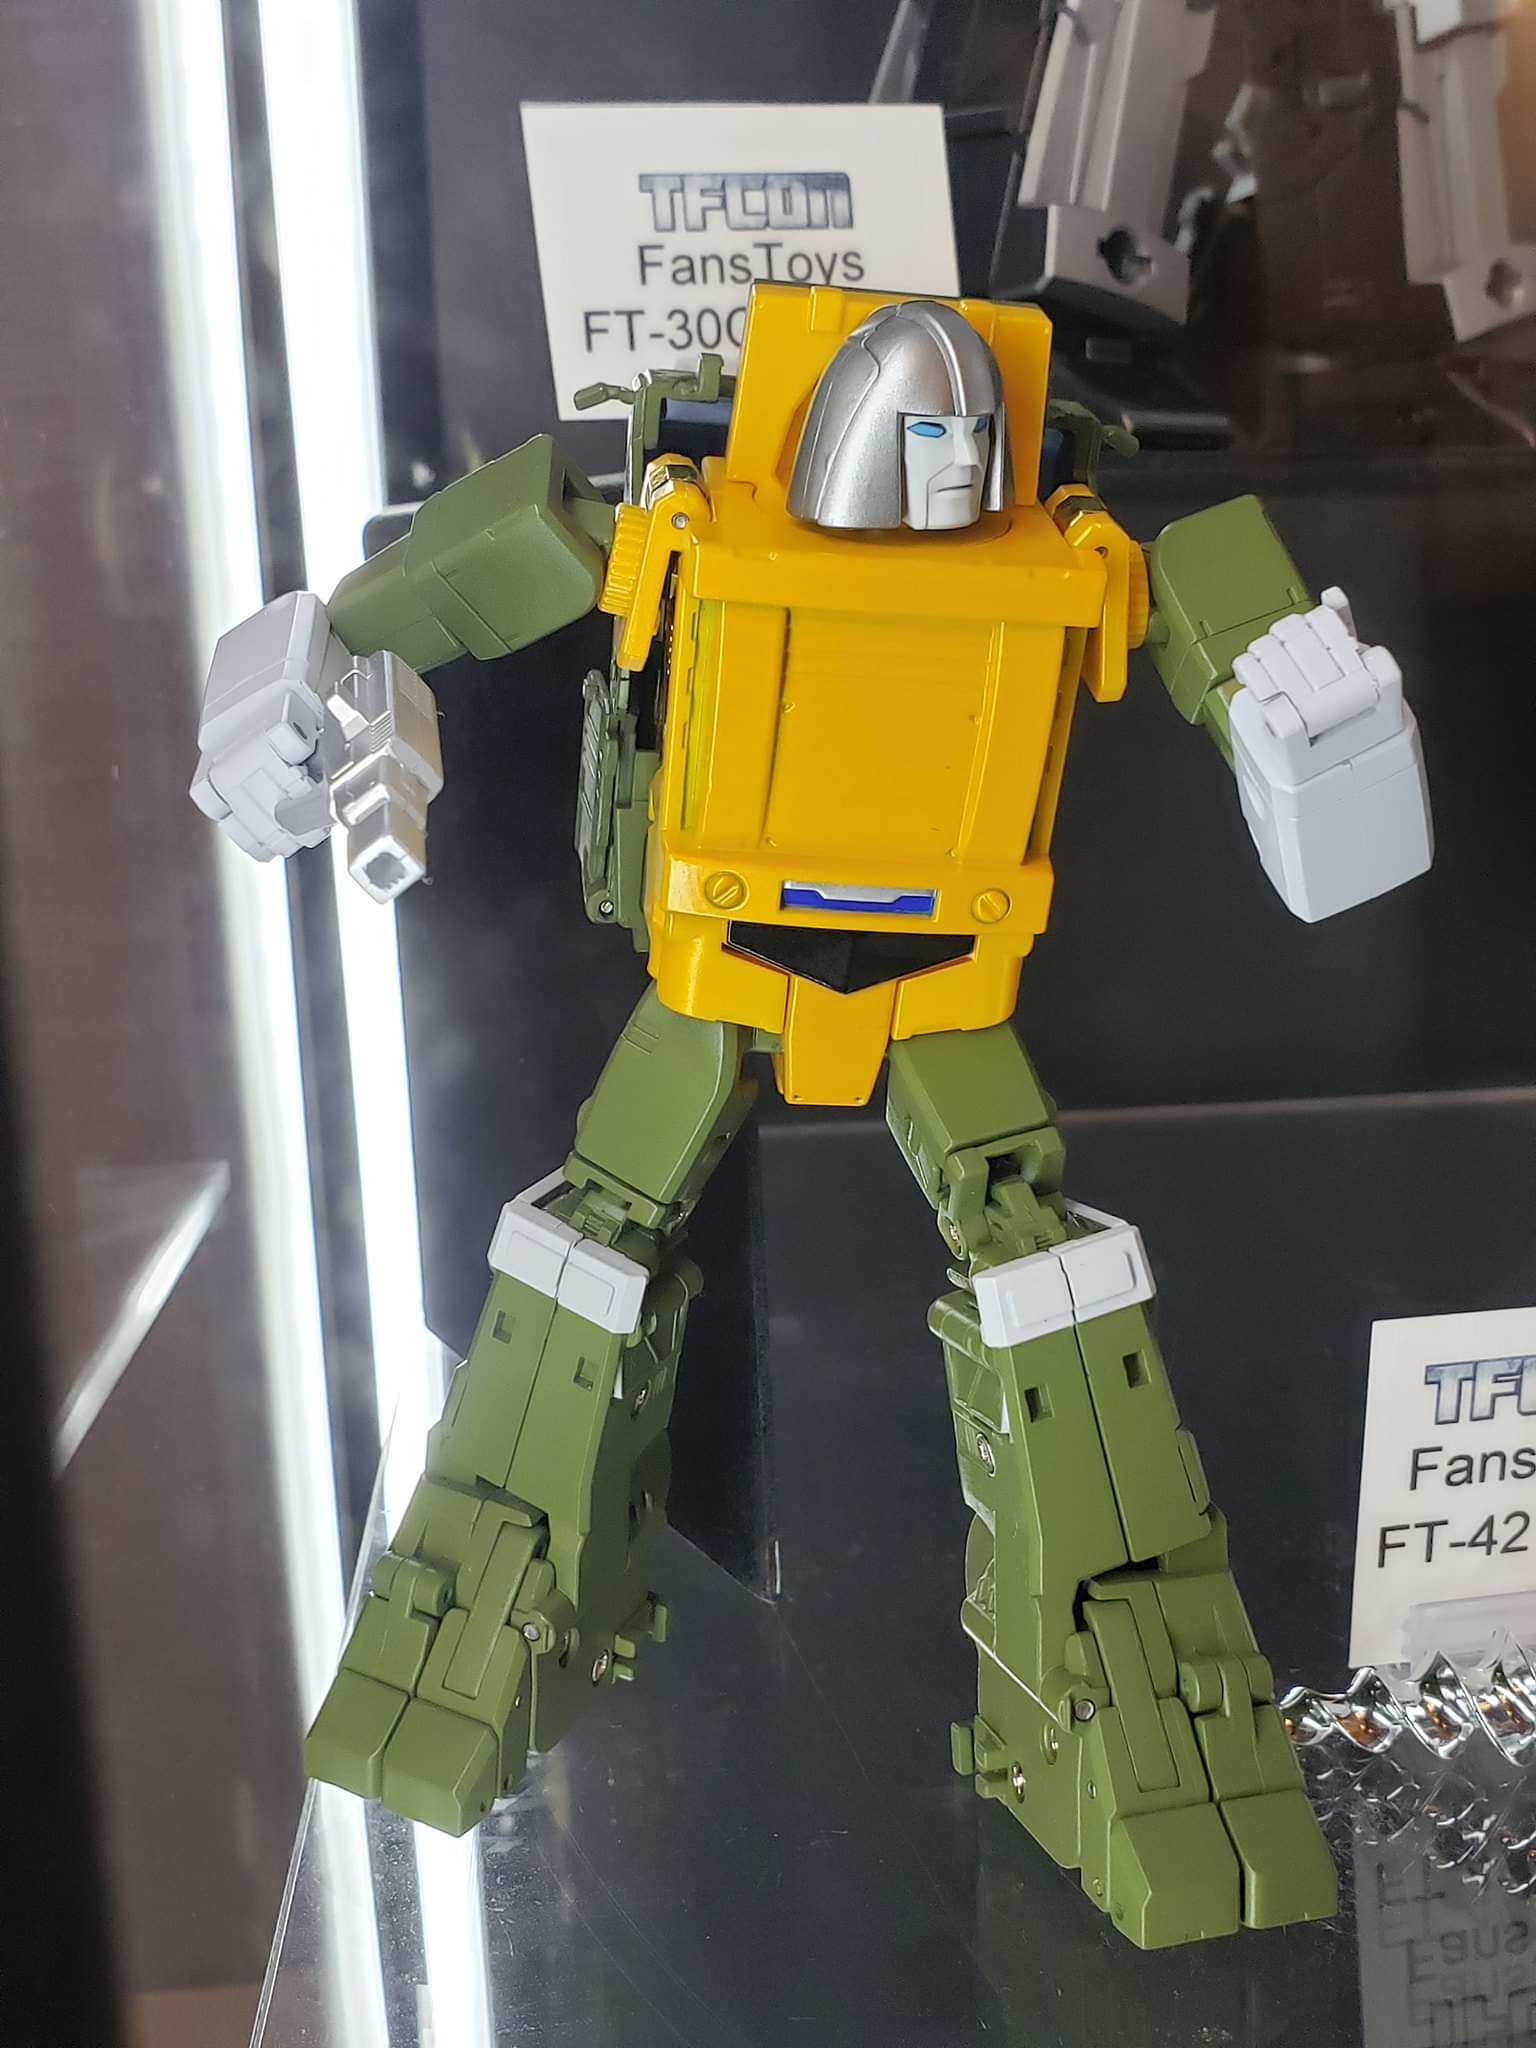 [Fanstoys] Produit Tiers - Minibots MP - Gamme FT - Page 4 A1A8lUtm_o